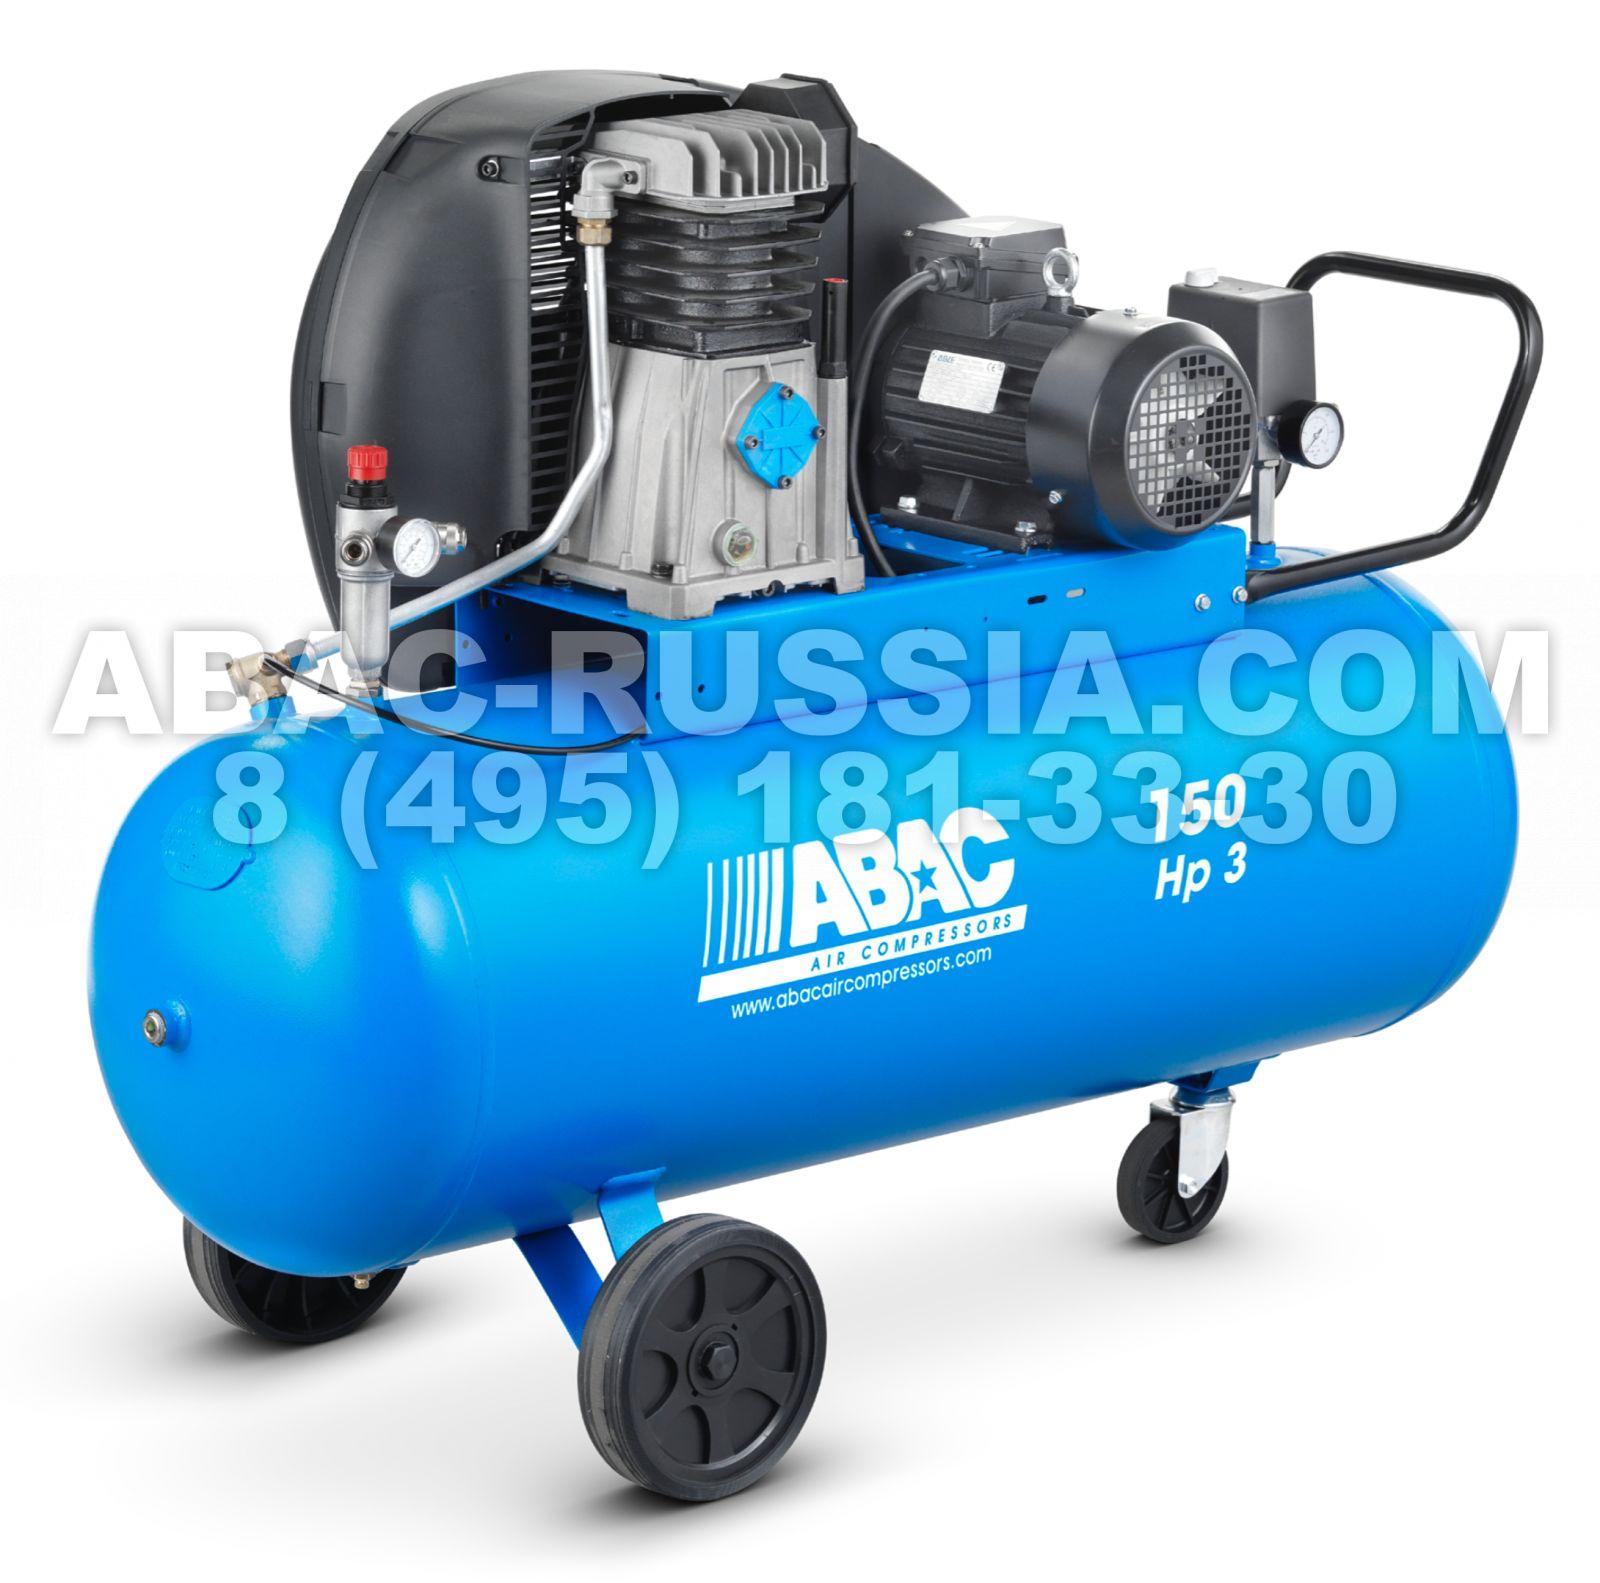 Поршневой компрессор ABAC PRO А39B 150 СТ3 4116024281